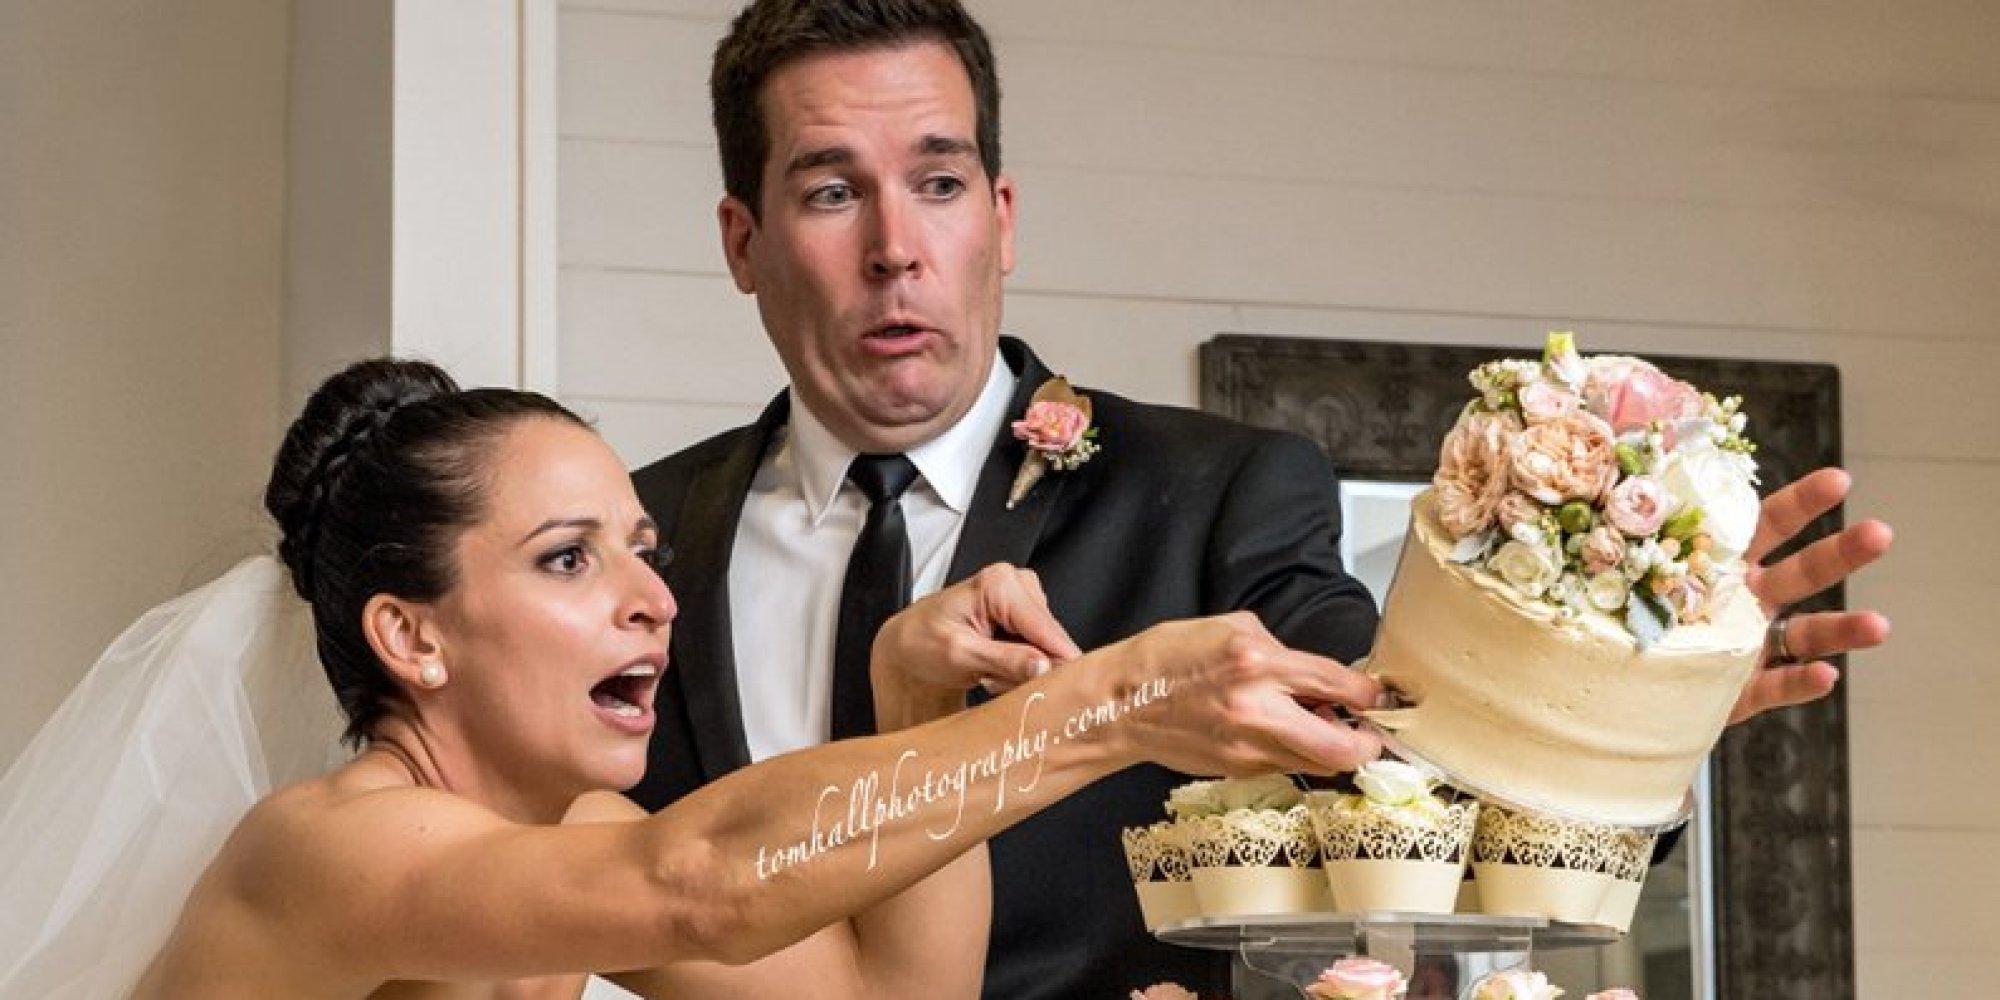 Свадебные казусы и приколы фото 9 фотография